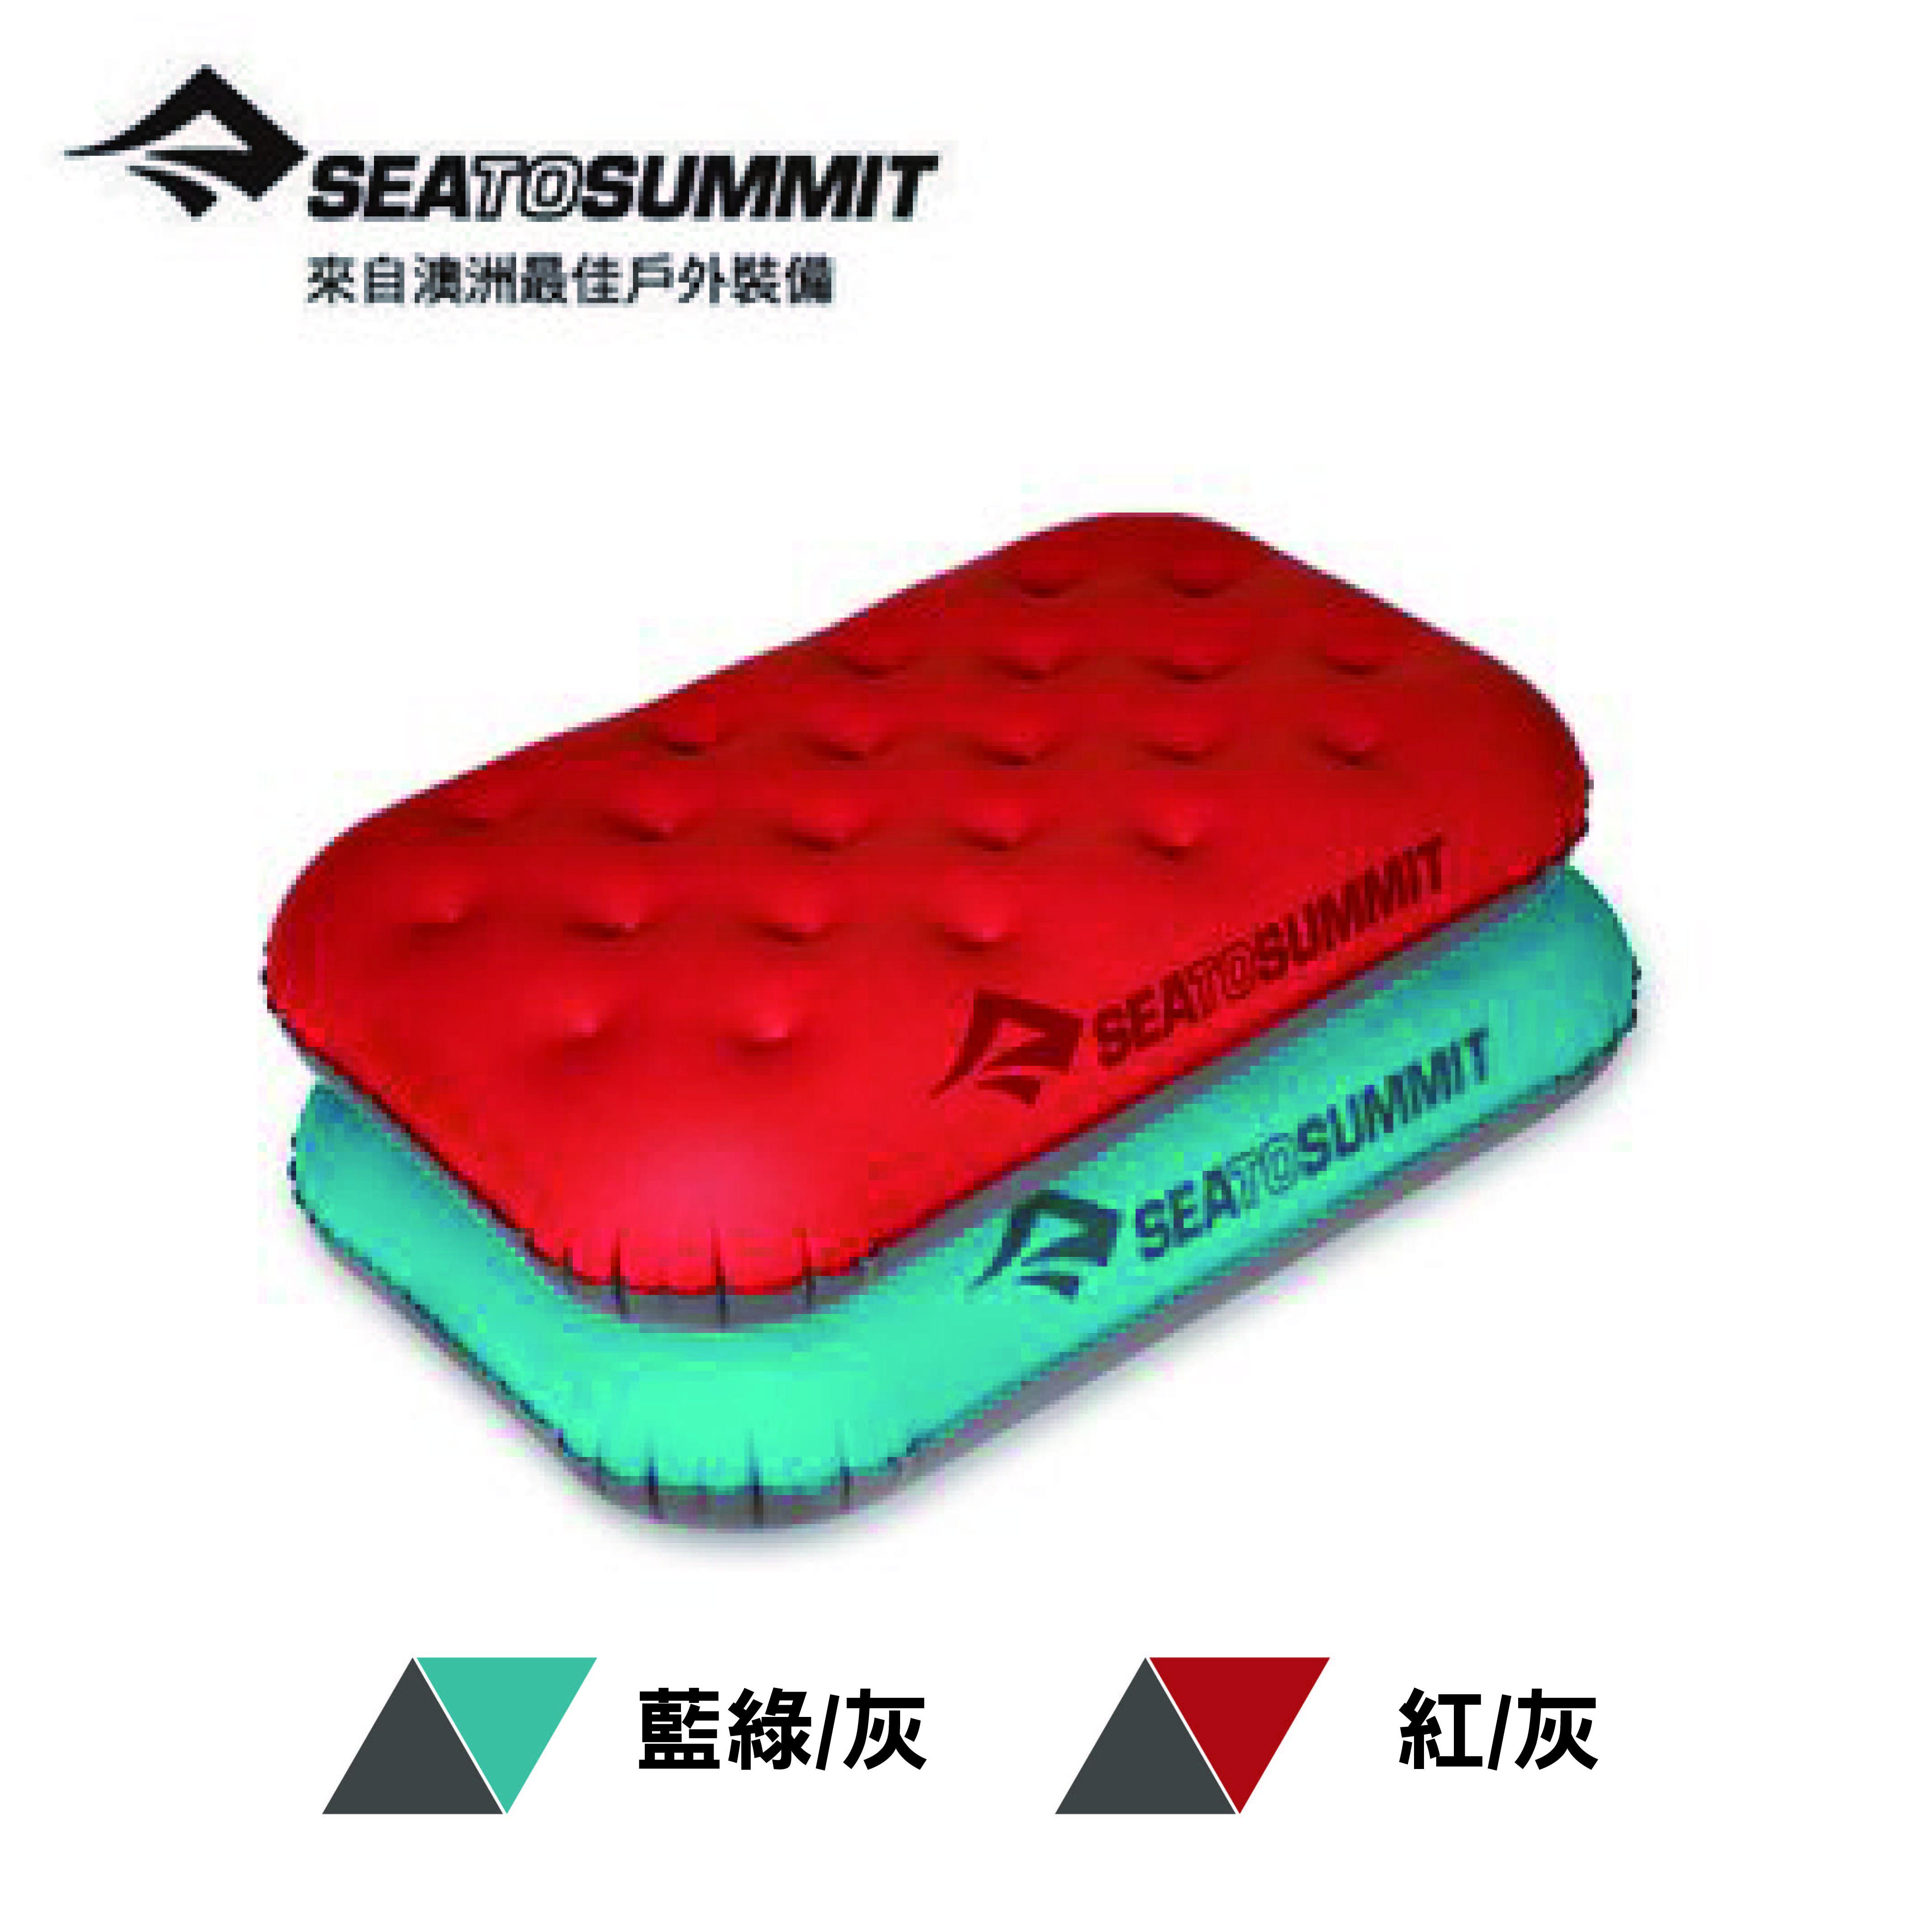 澳洲【Sea to Summit】輕量大尺寸 20D 充氣方形枕(獨立氣筒科技、可調整軟硬度、約130g)2